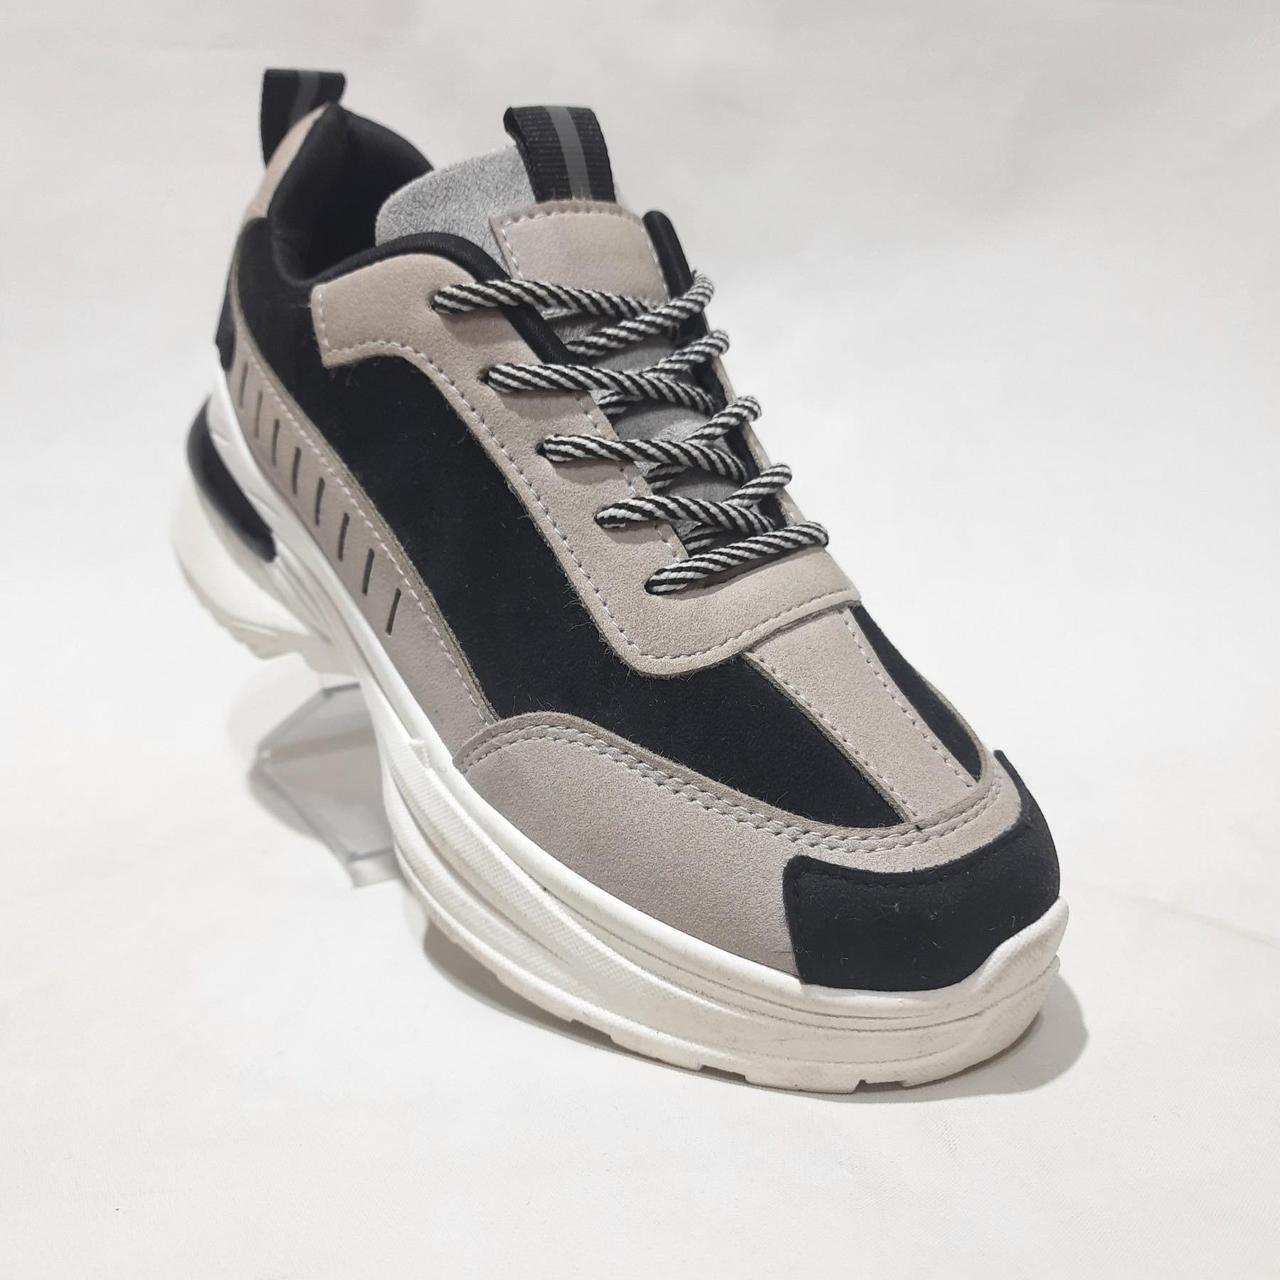 38 р. Весняні жіночі кросівки з еко-шкіри беж з чорним маломірки Остання пара